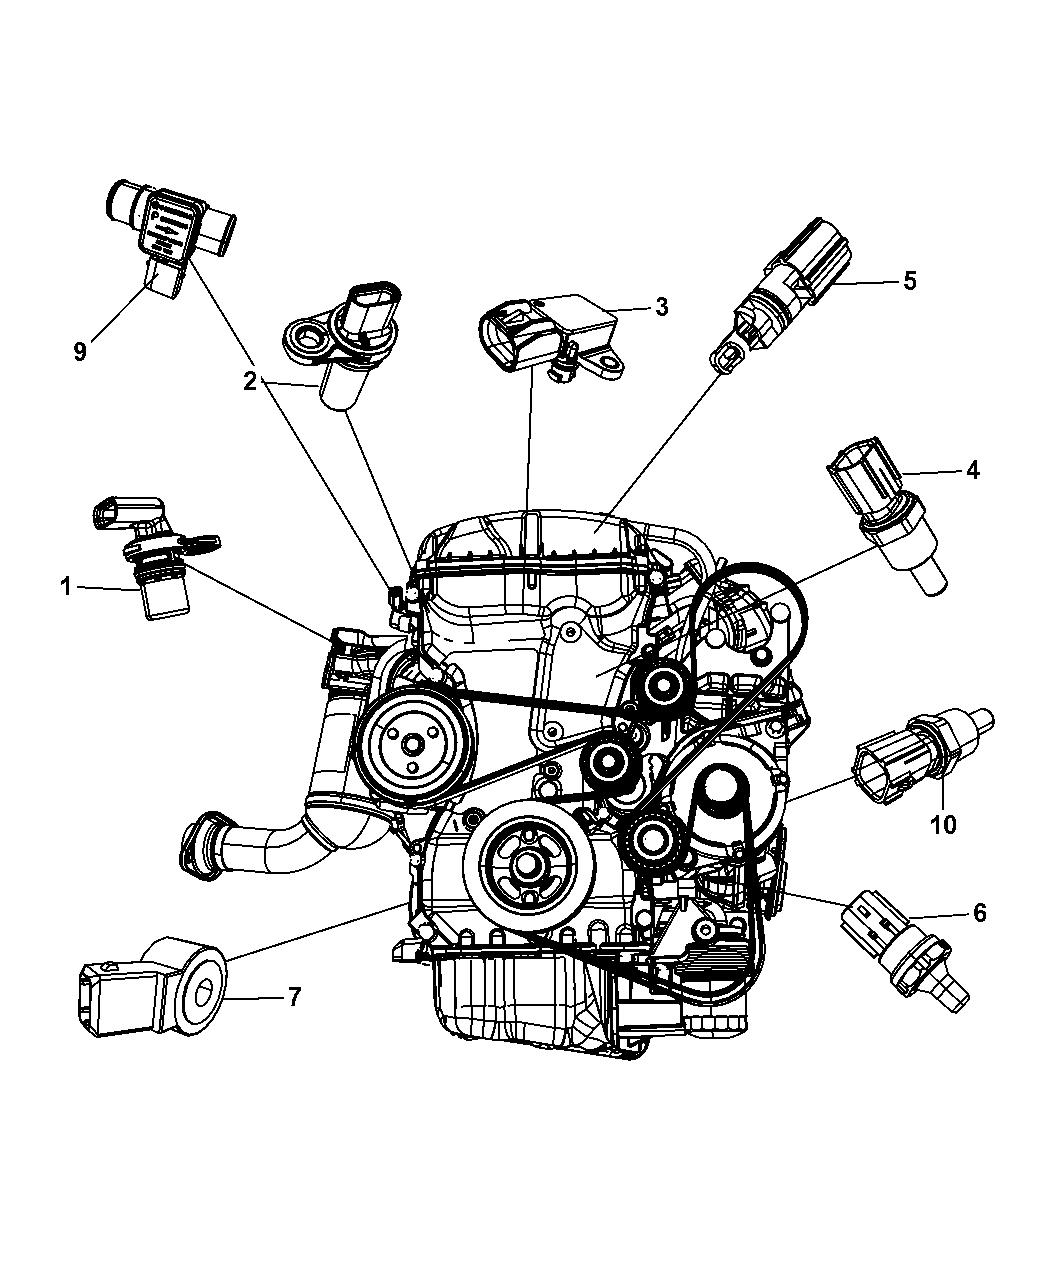 2007 Dodge Engine Diagram. Dodge. Auto Wiring Diagram